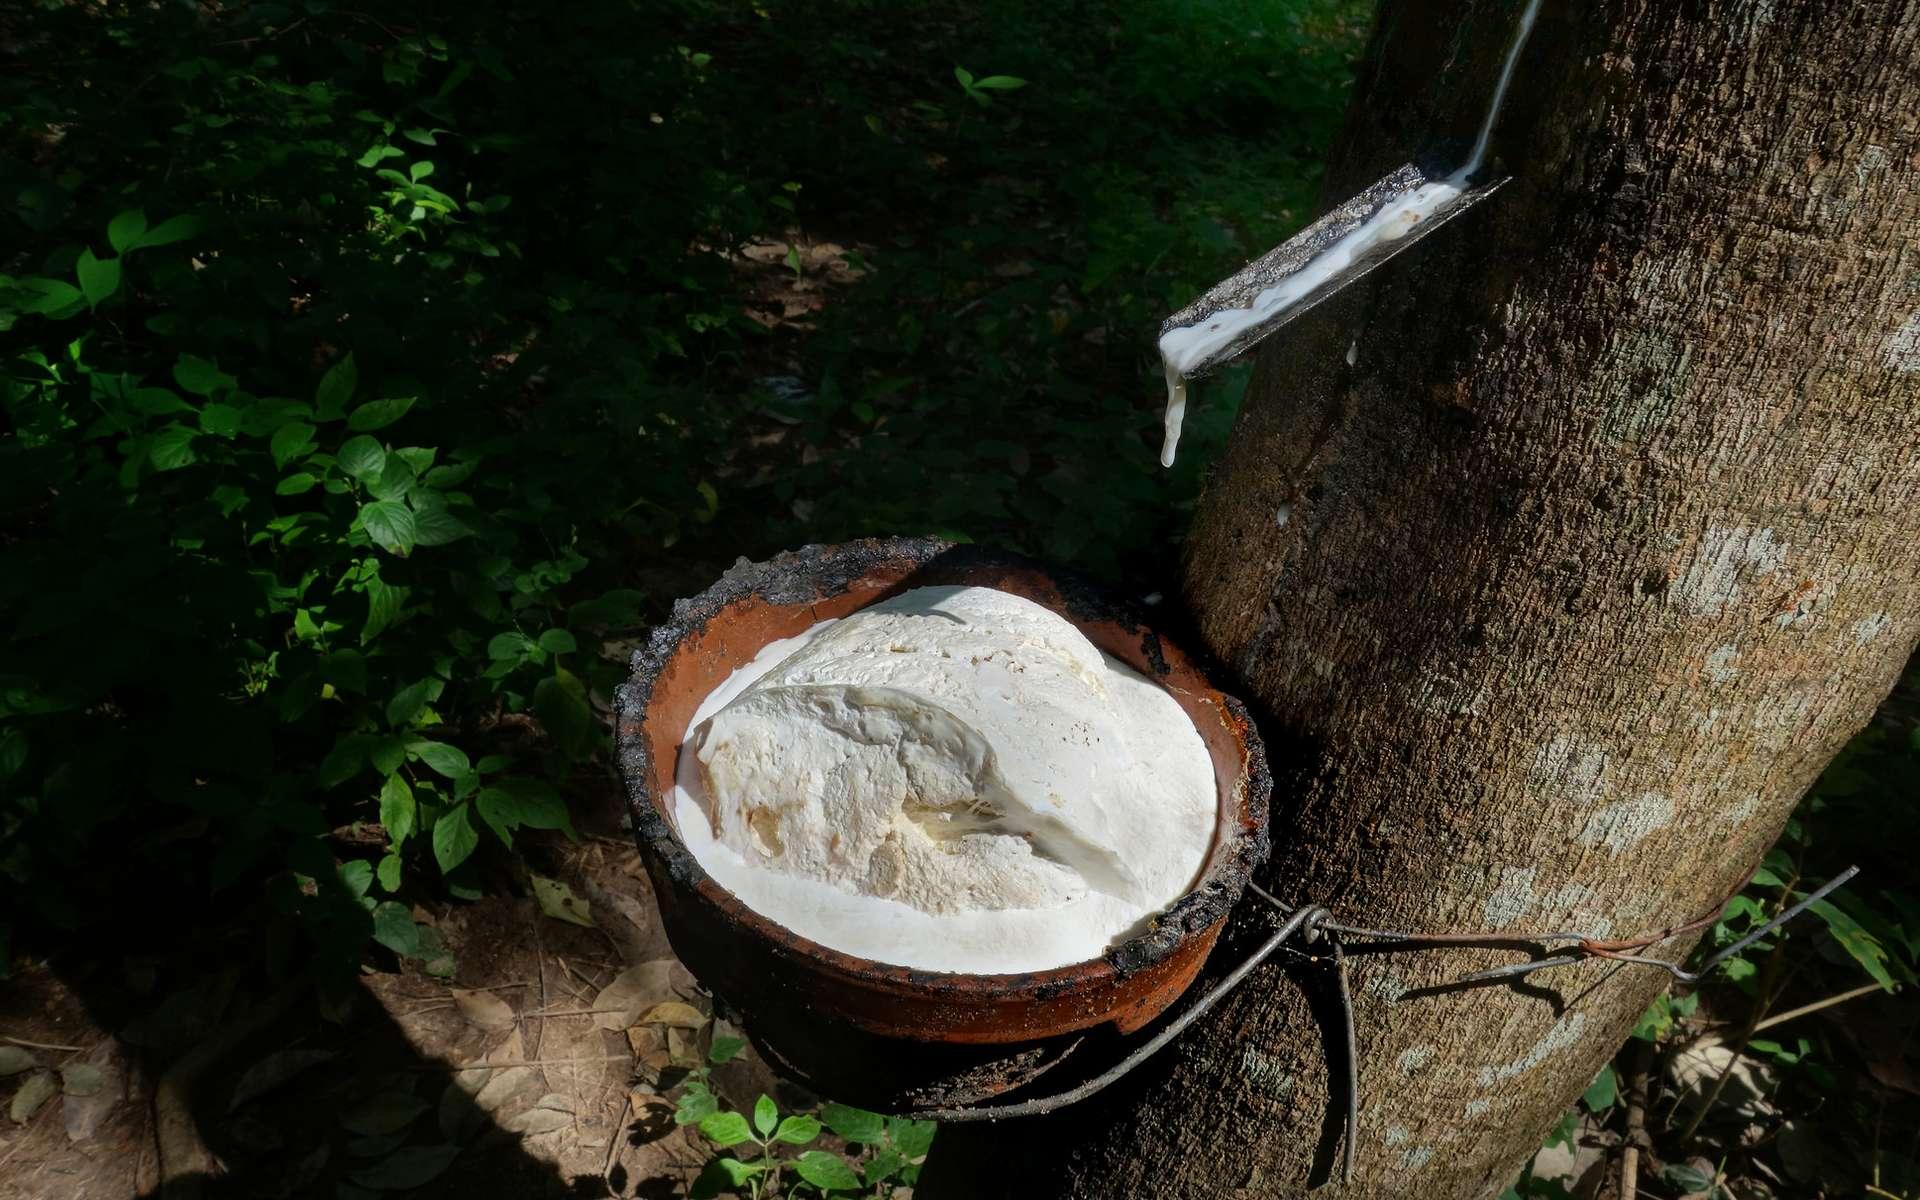 Le caoutchouc, issu de la sève de l'hévéa, est une espèce chimique naturelle. © Urs Achermann, Flickr, CC by-nc 2.0